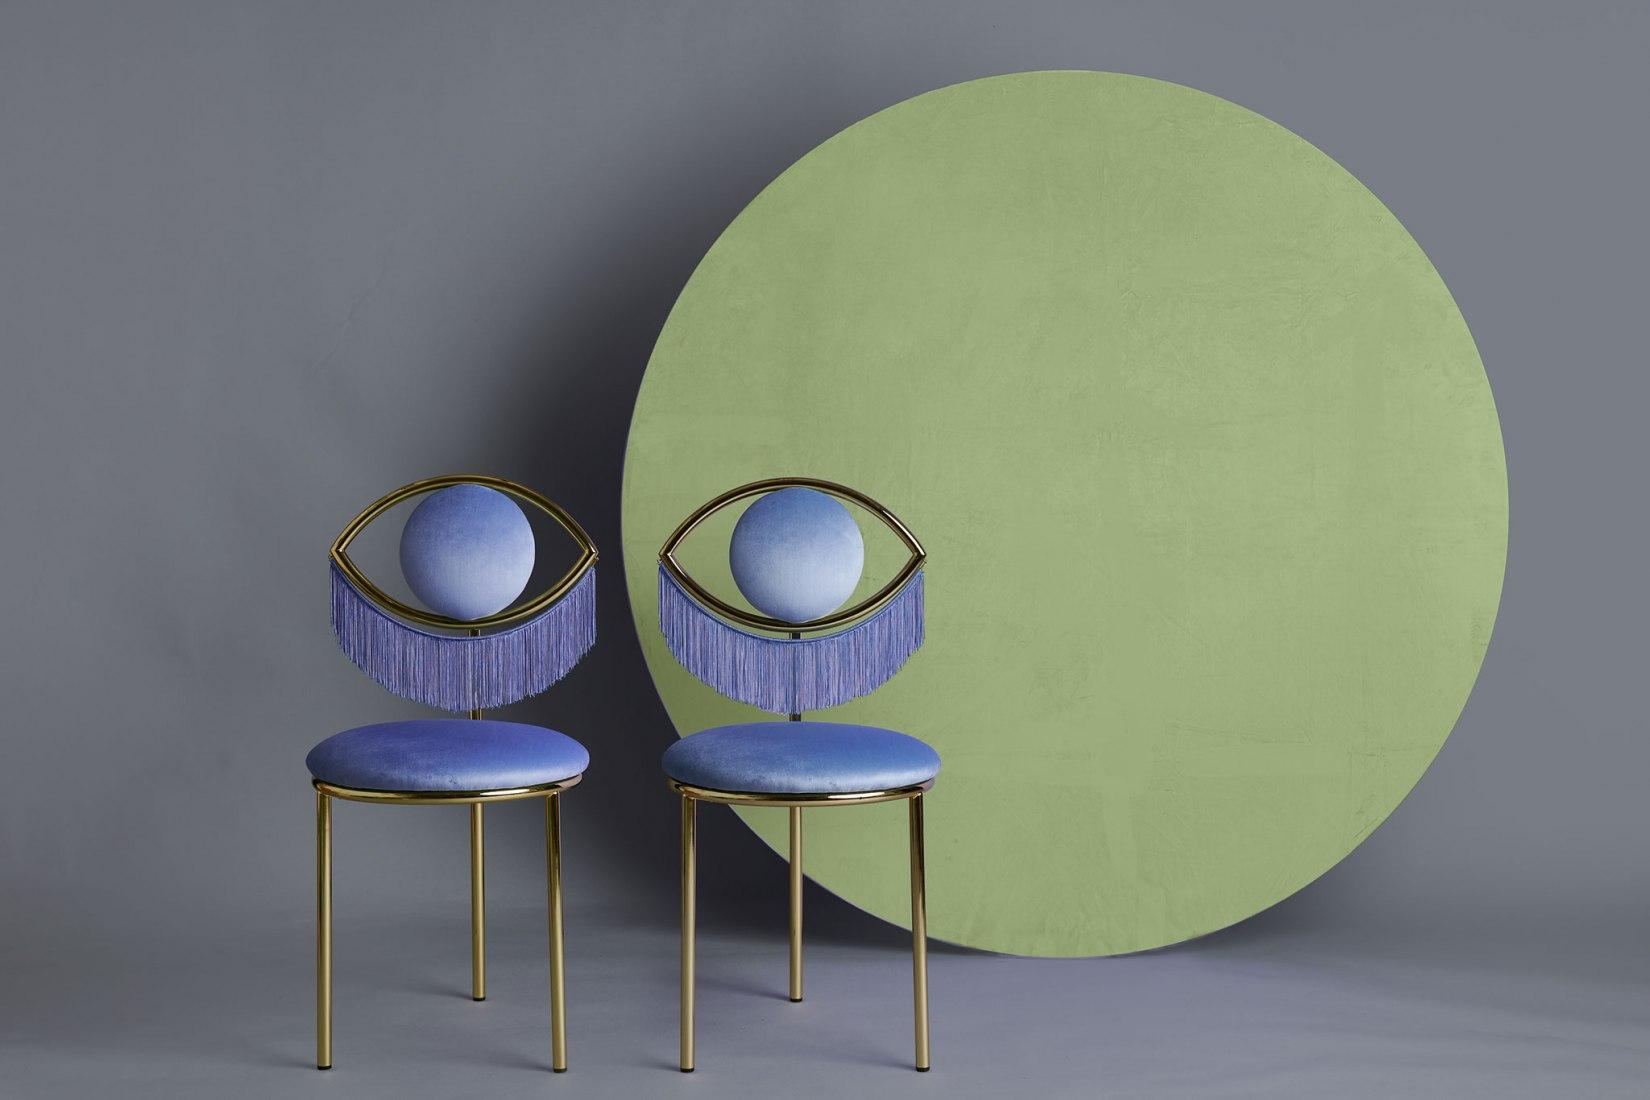 Masquespacio diseña la Wink chair para Houtique. Fotografía por Luis Beltran